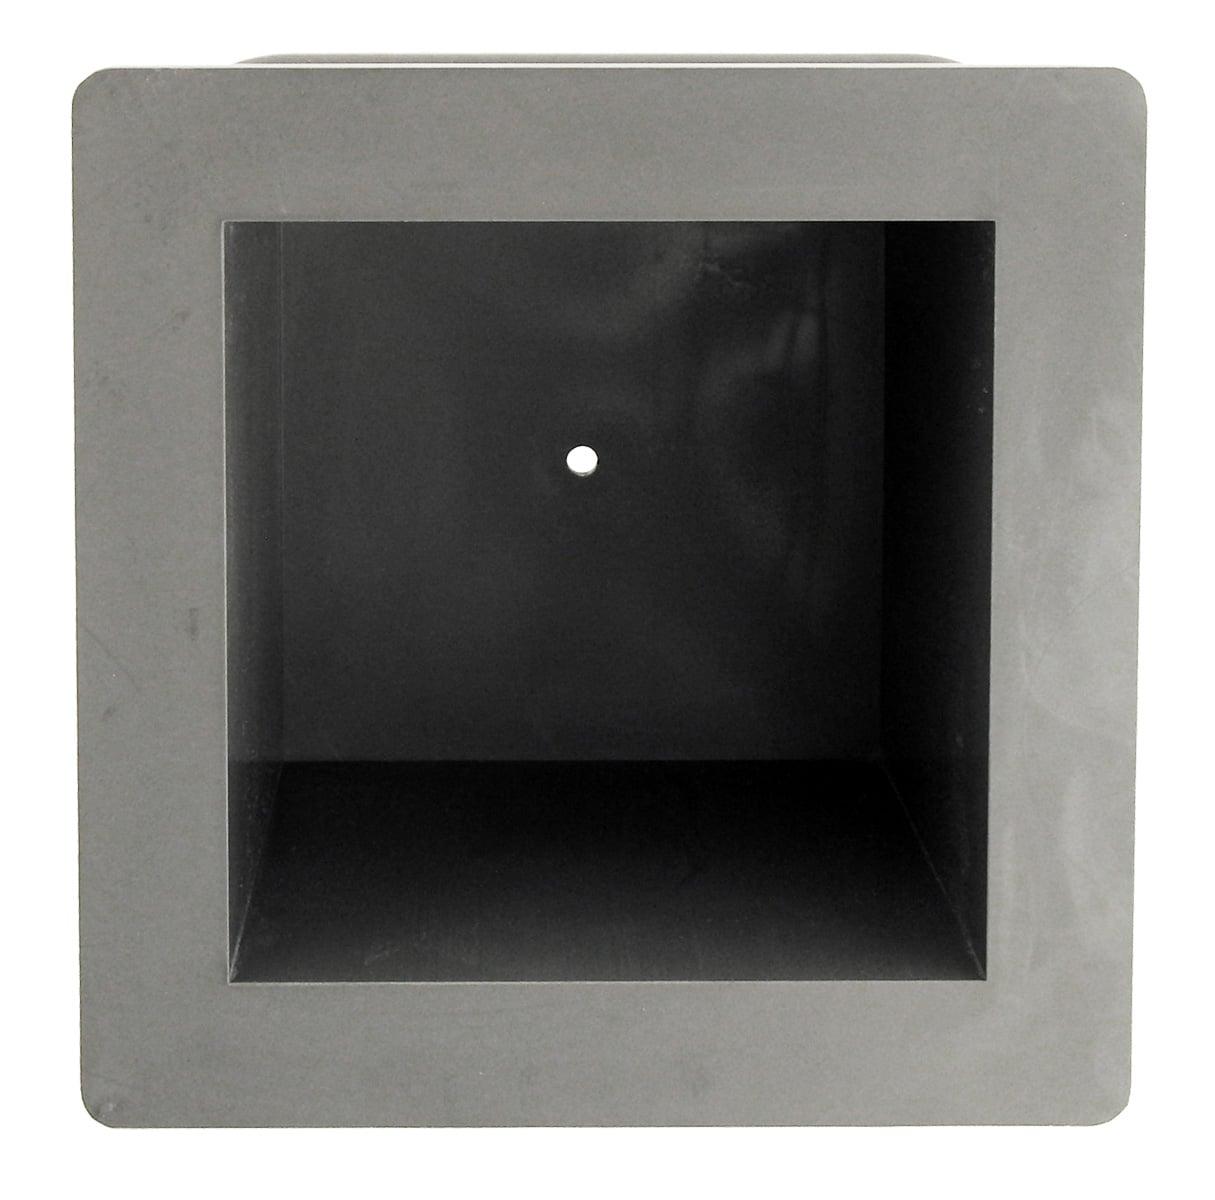 cubiera-calcestruzzo-200×200